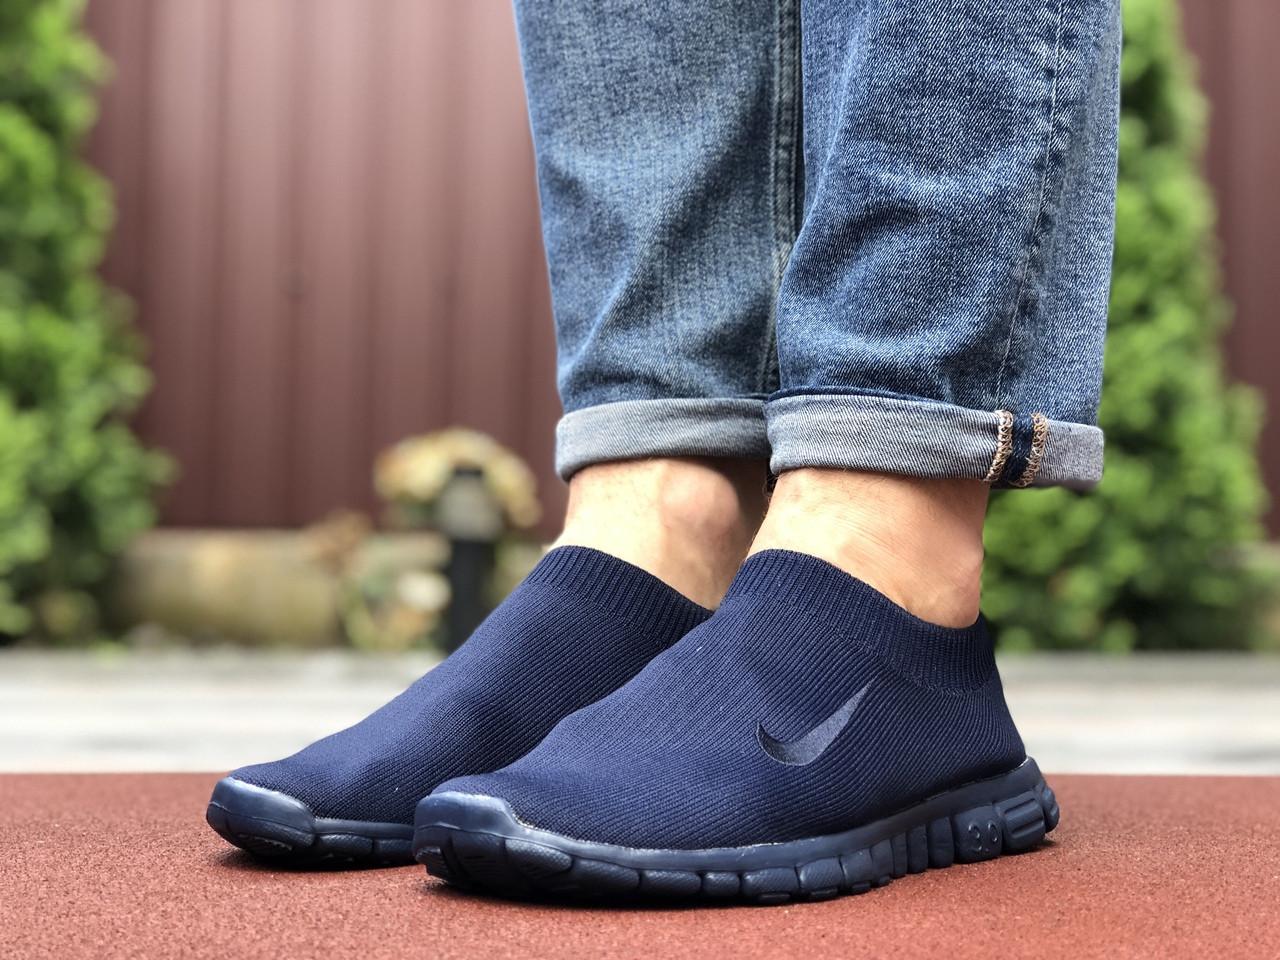 Чоловічі кросівки Nike Free Run 3.0 (темно-сині) 9603